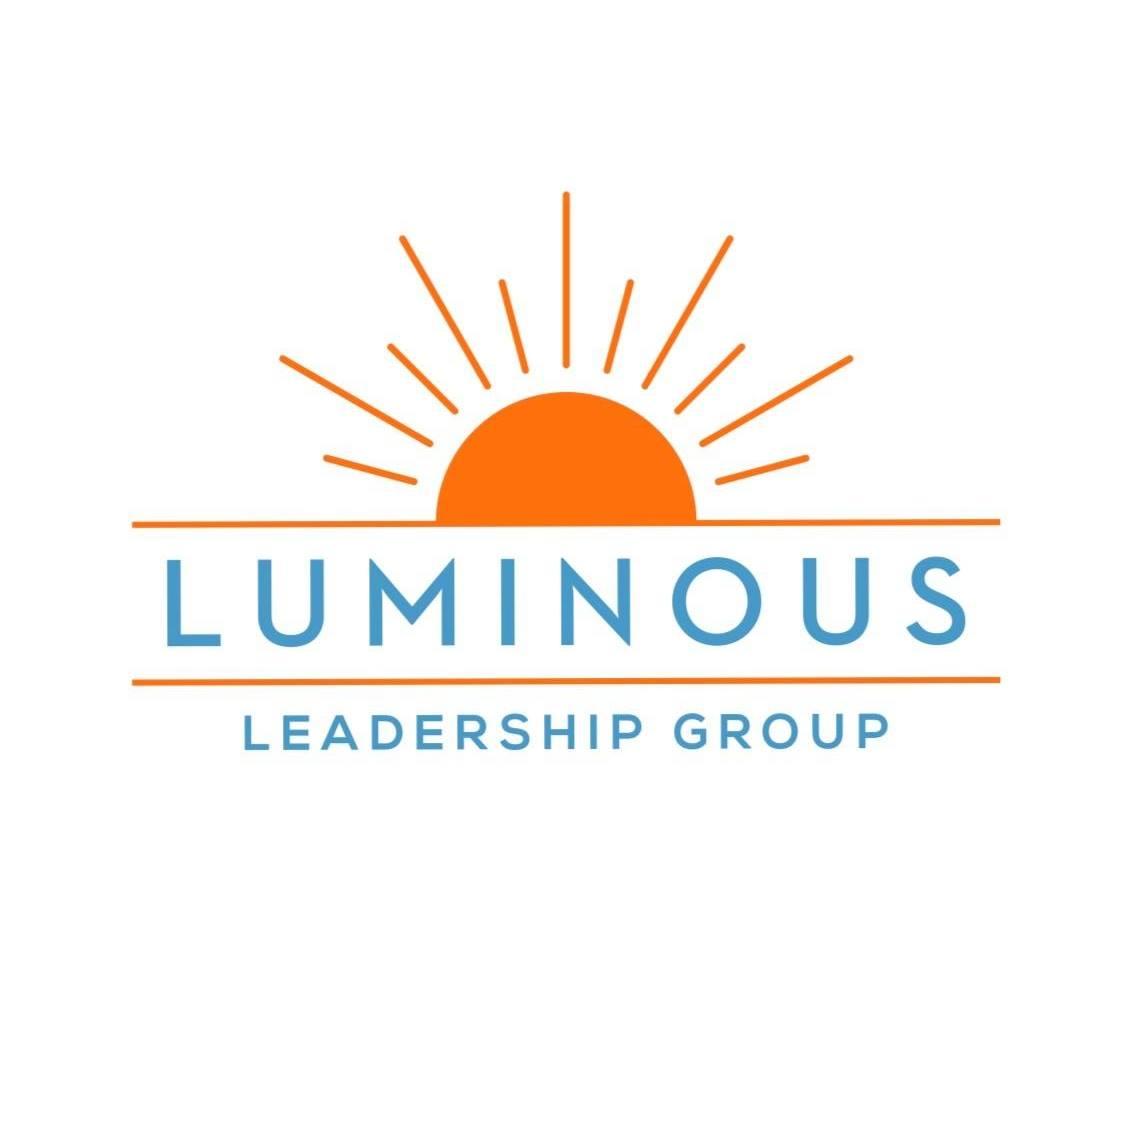 Luminous Leadership Group